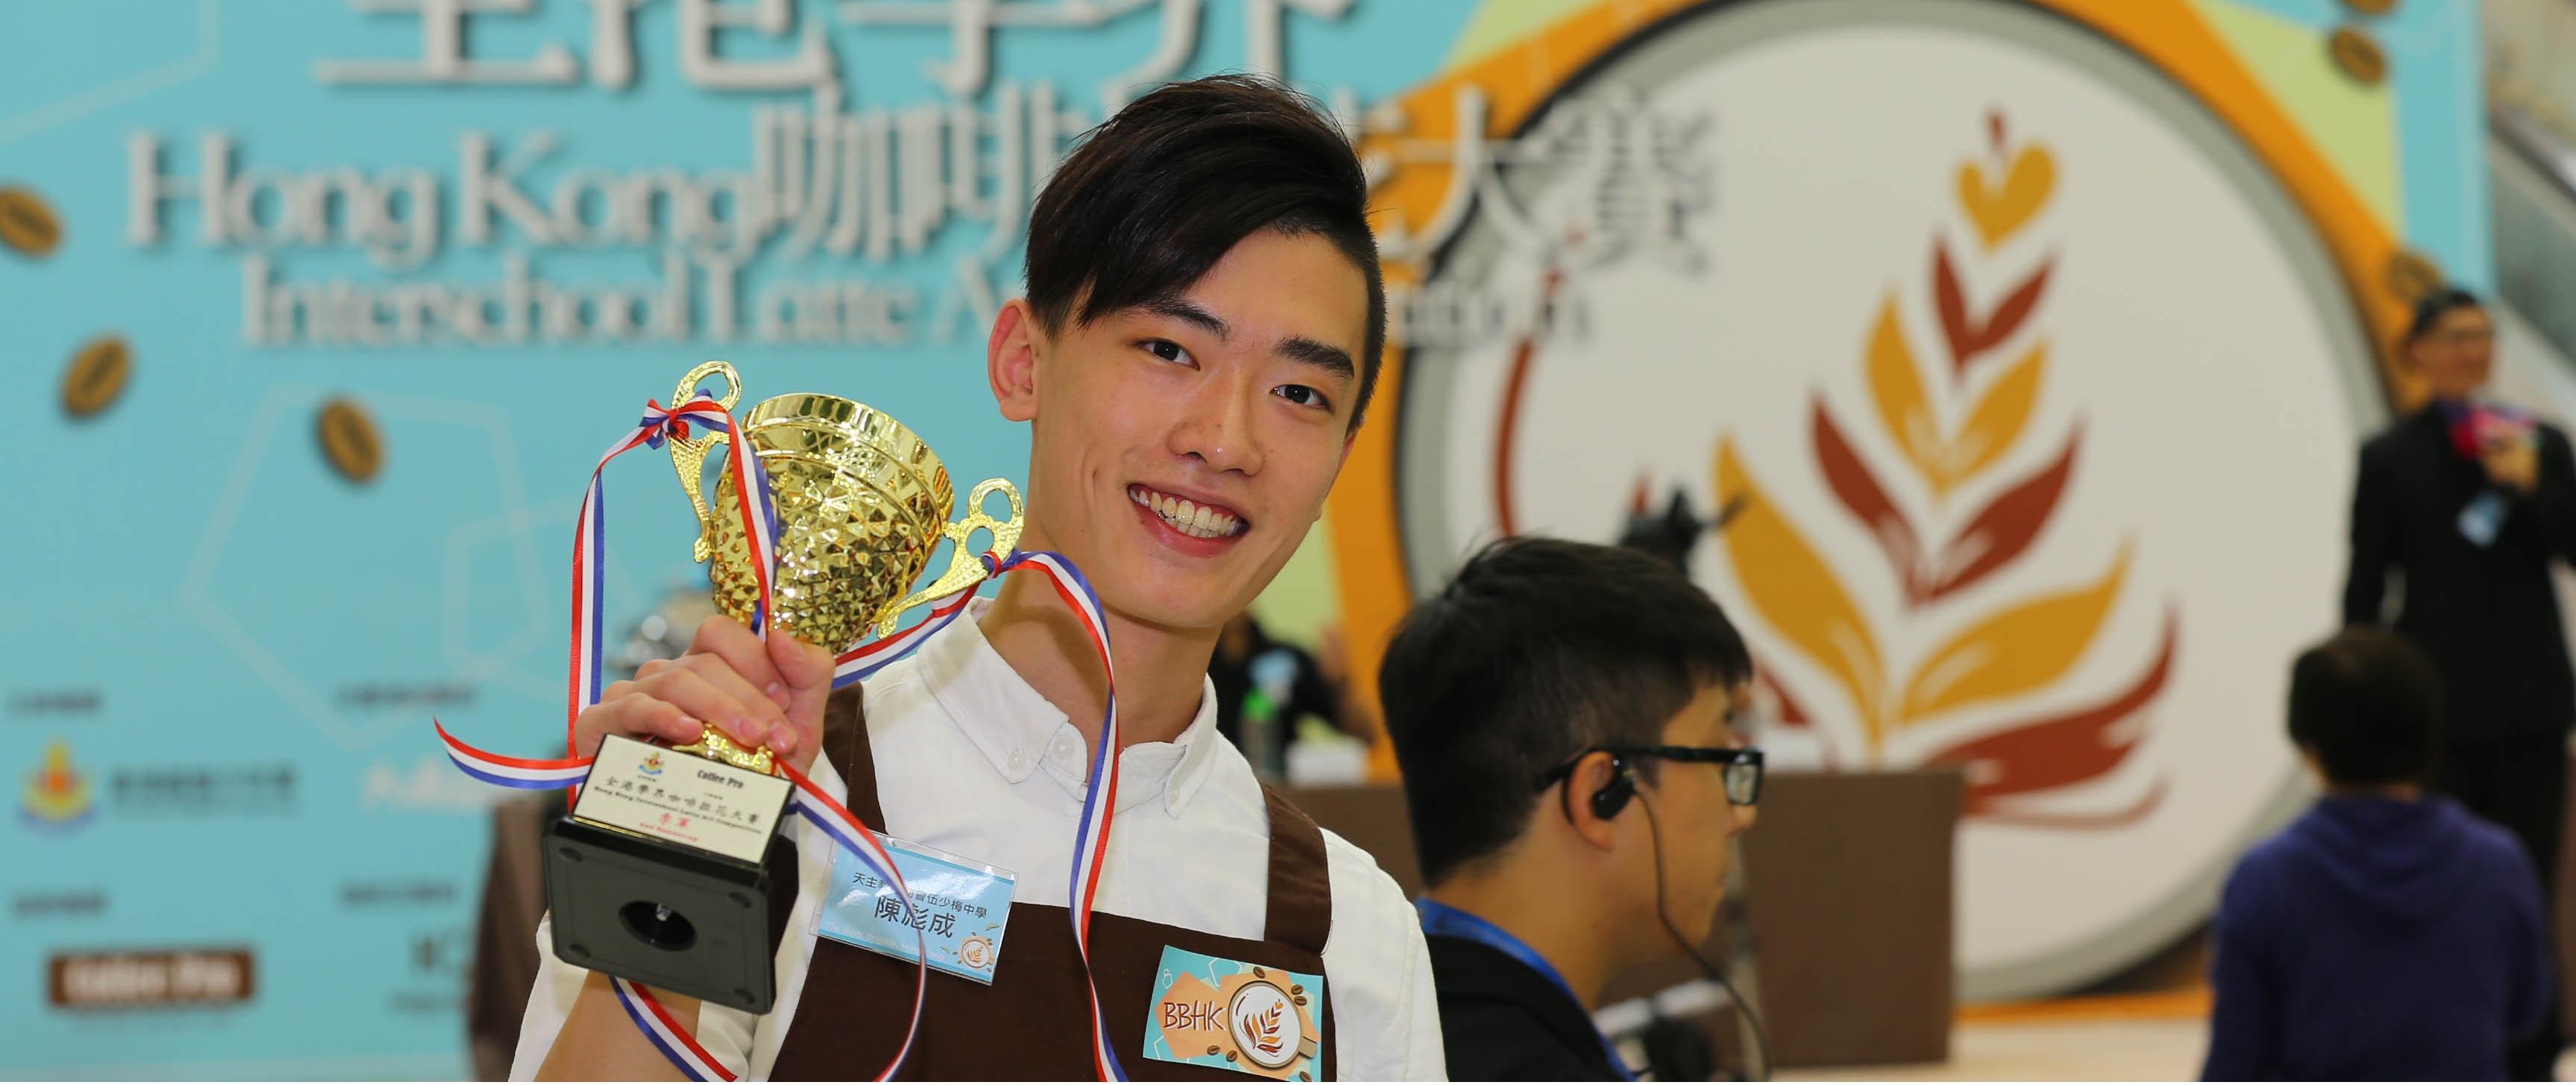 天主教慈幼會伍少梅中學的全港學界咖啡拉花比賽2016 相片8